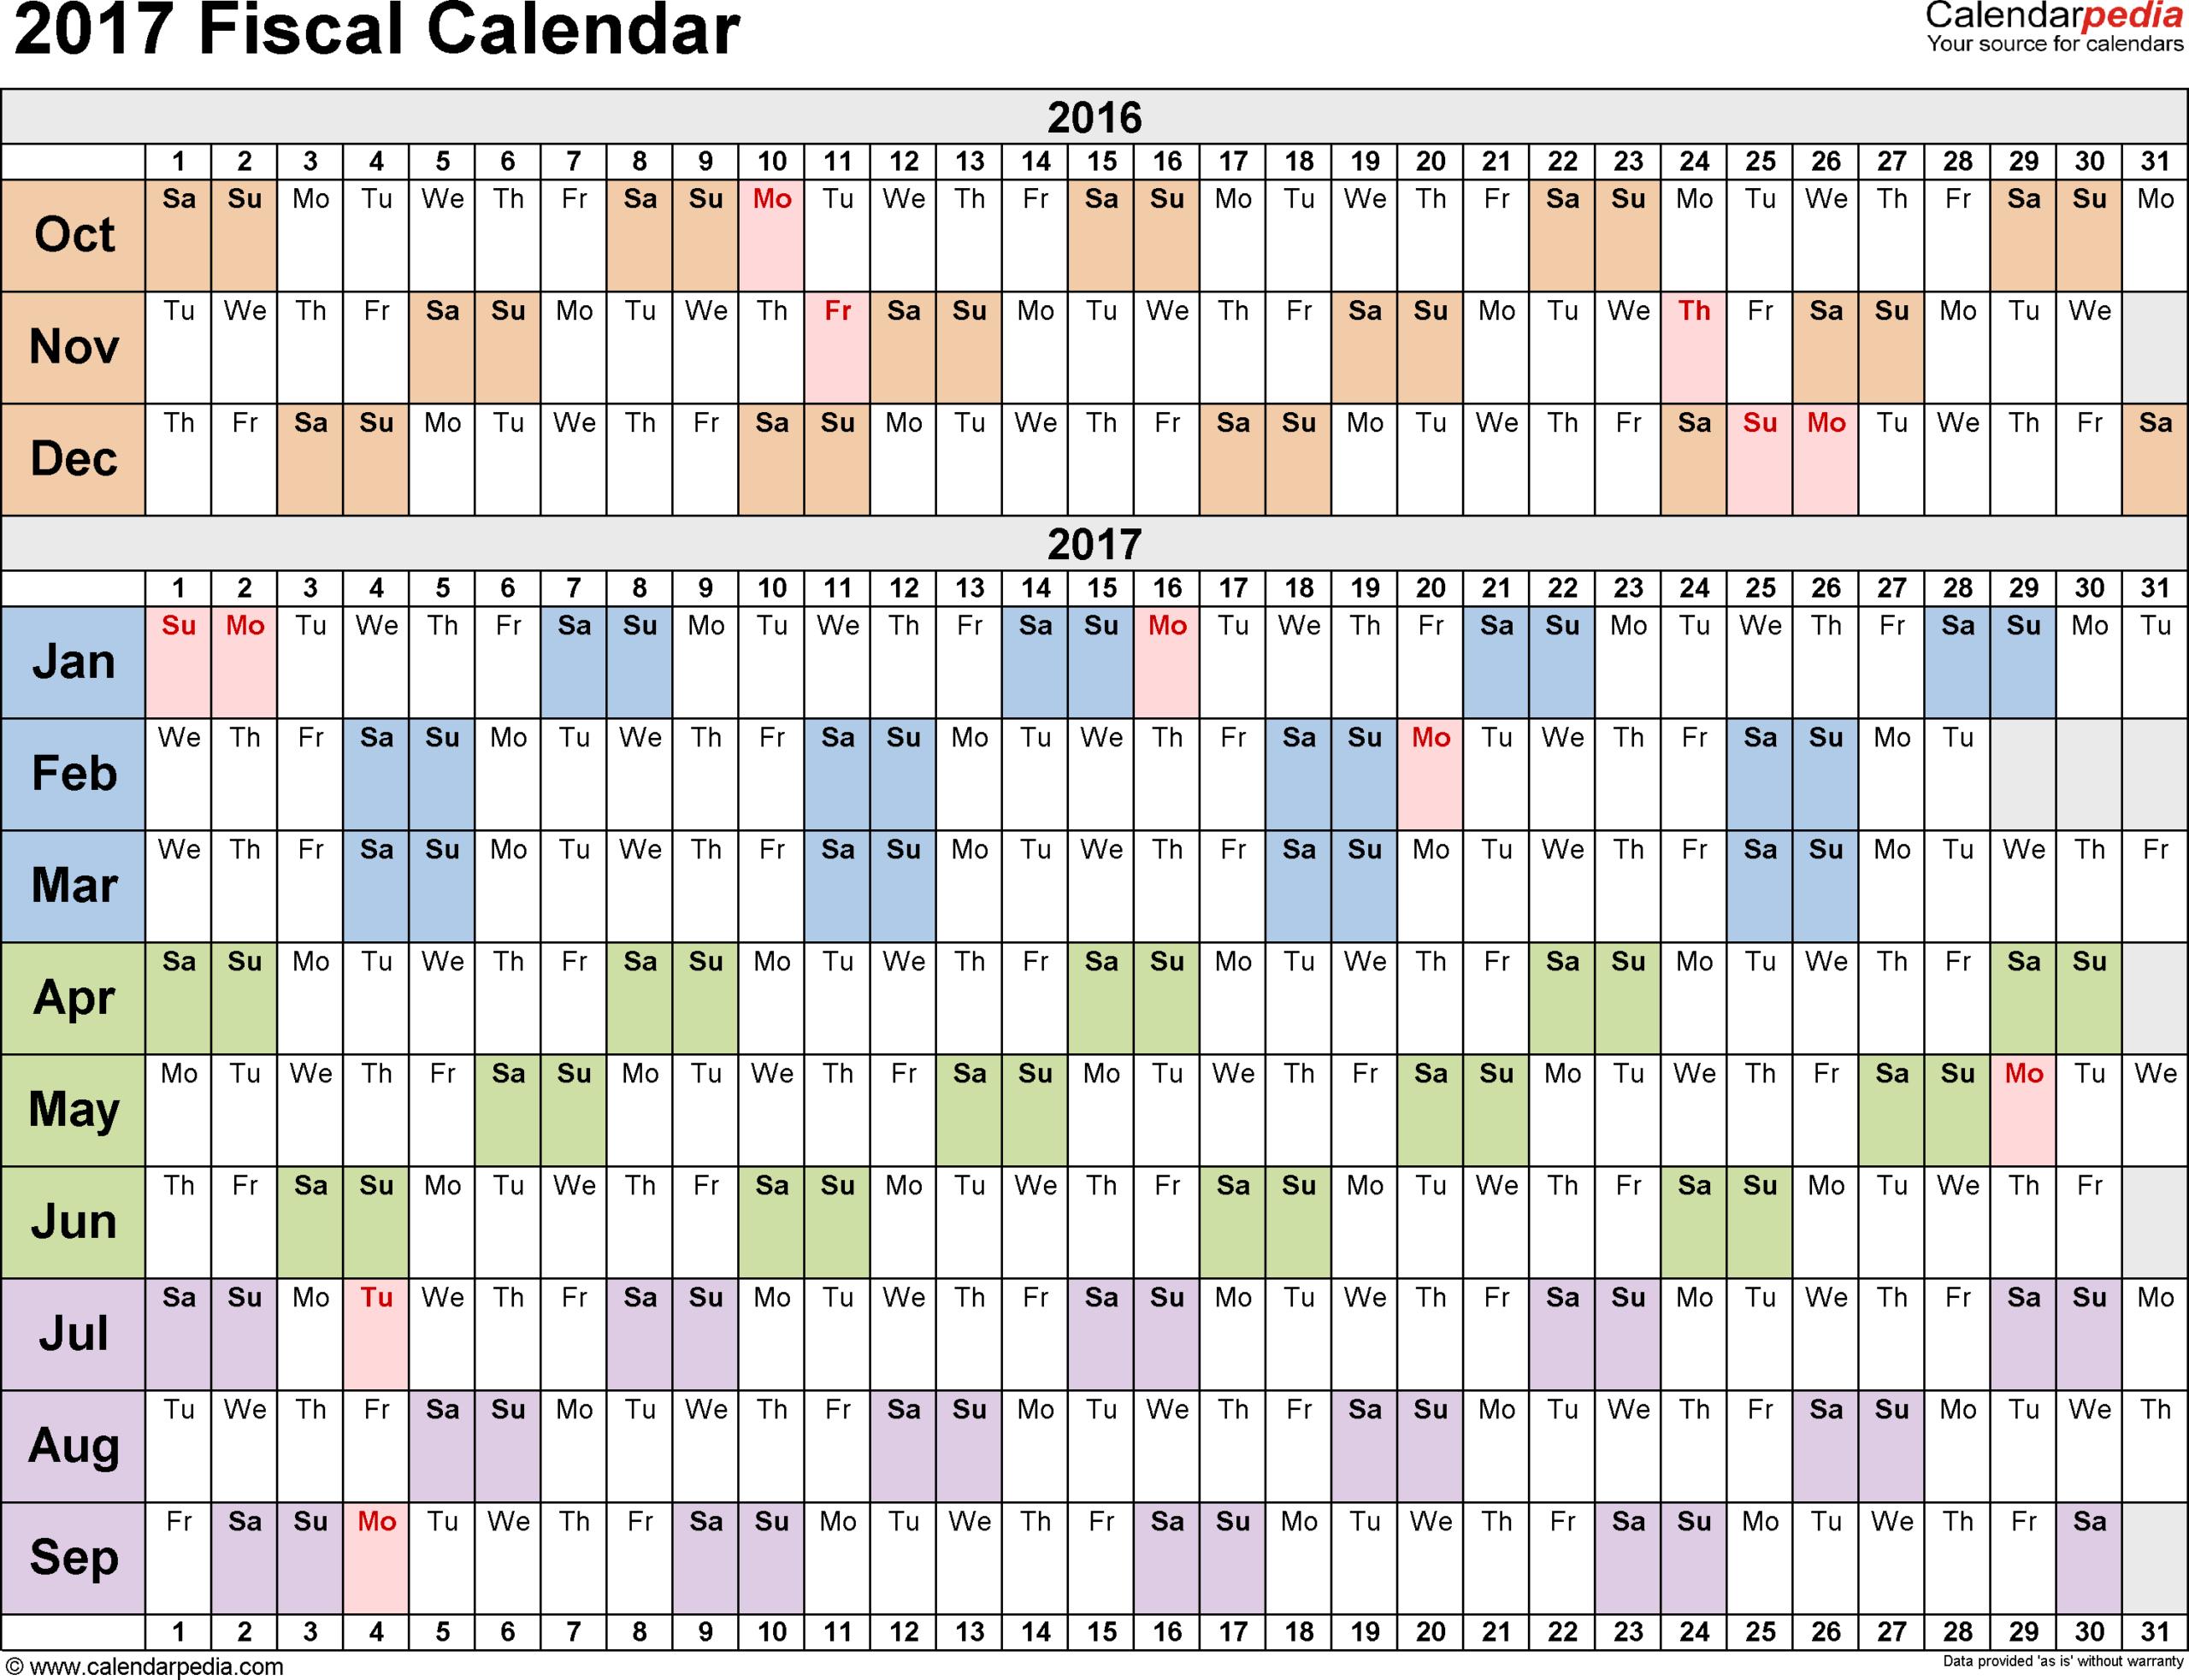 032 Template Ideas Biweekly Payroll Calendar Fantastic 2017 Inside 2017 Biweekly Payroll Calendar Template